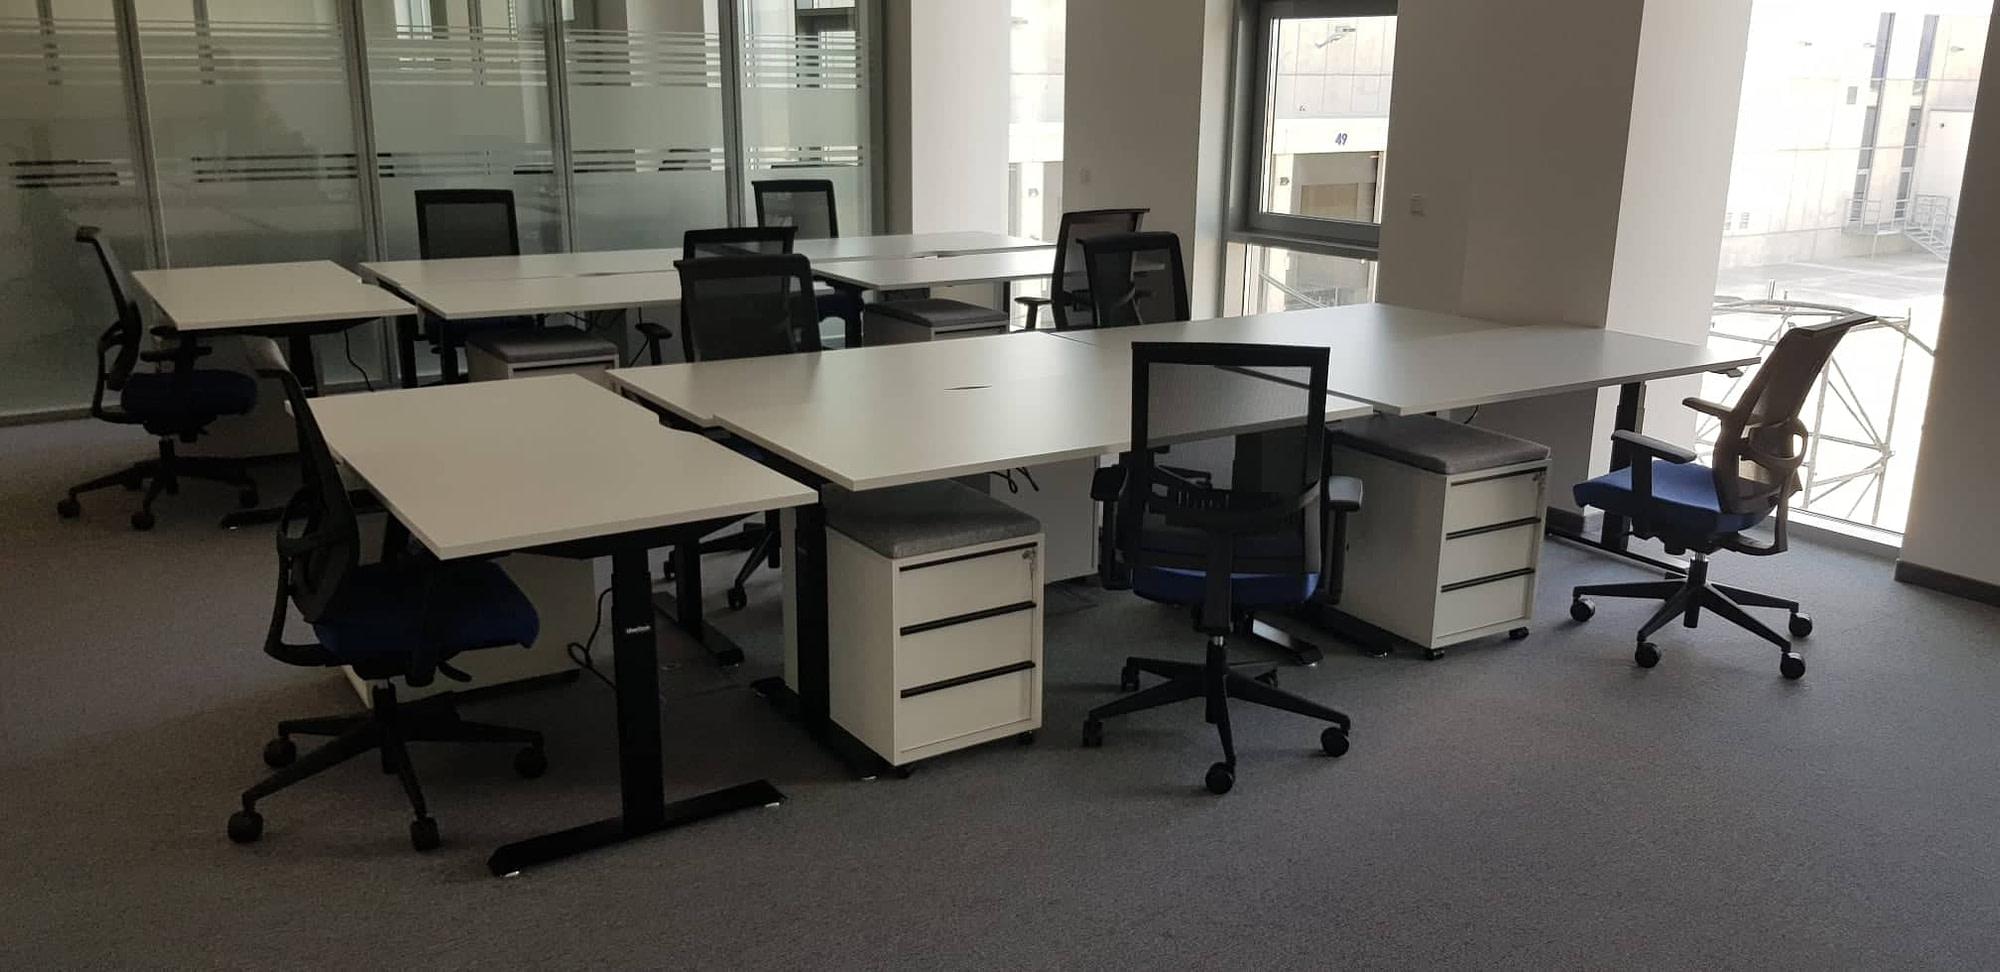 Ергономичен офис с ергономични бюра с регулиране на височинатаBulDesk Pro